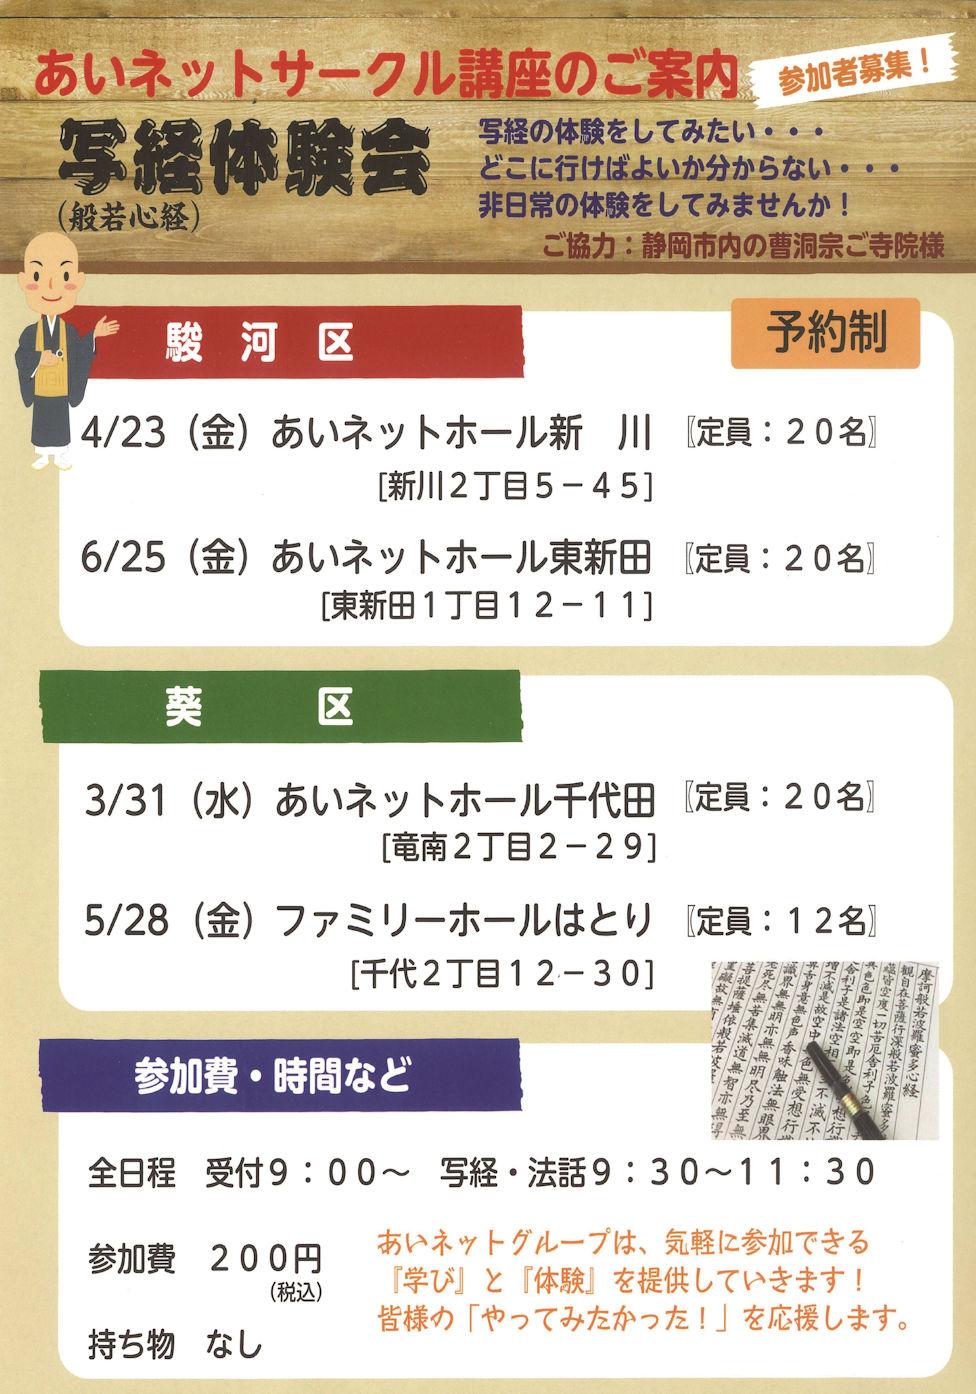 【4/23開催】☆あいネットサークル☆写経(般若心経)と法話の体験会~葵区・駿河区~